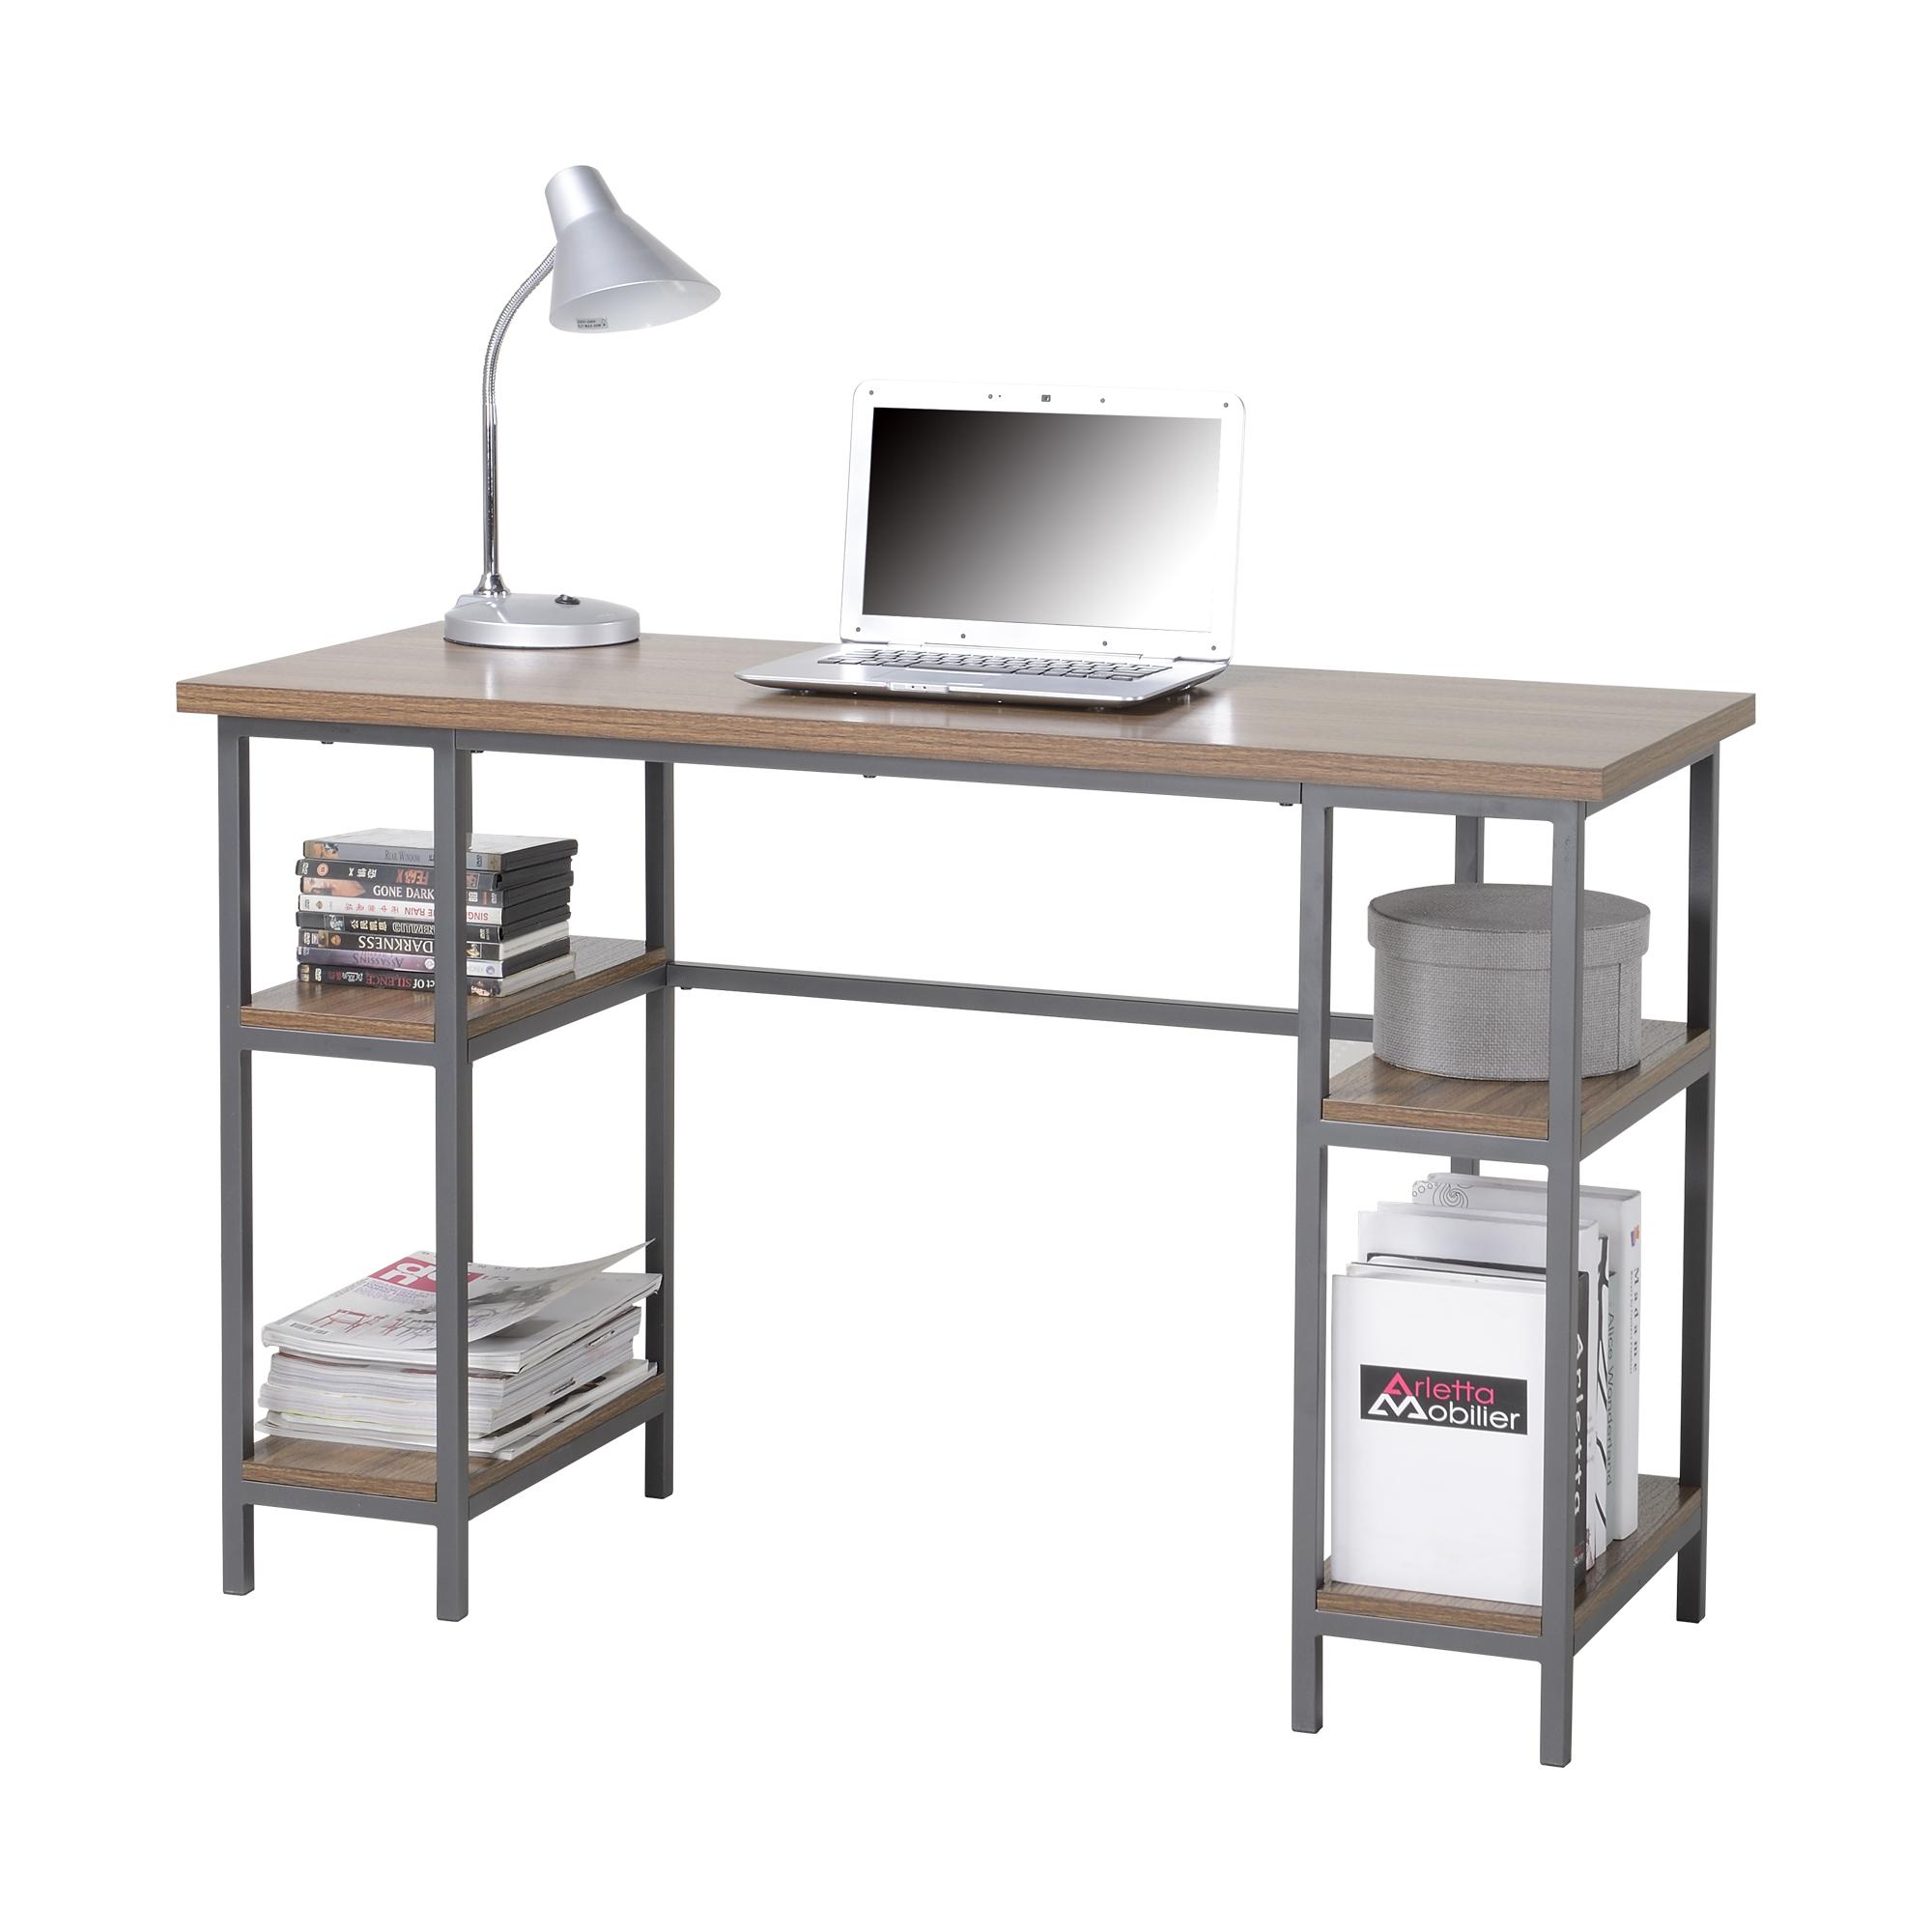 Homestar Laptop Desk with 4-Shelves - [Z1510342]